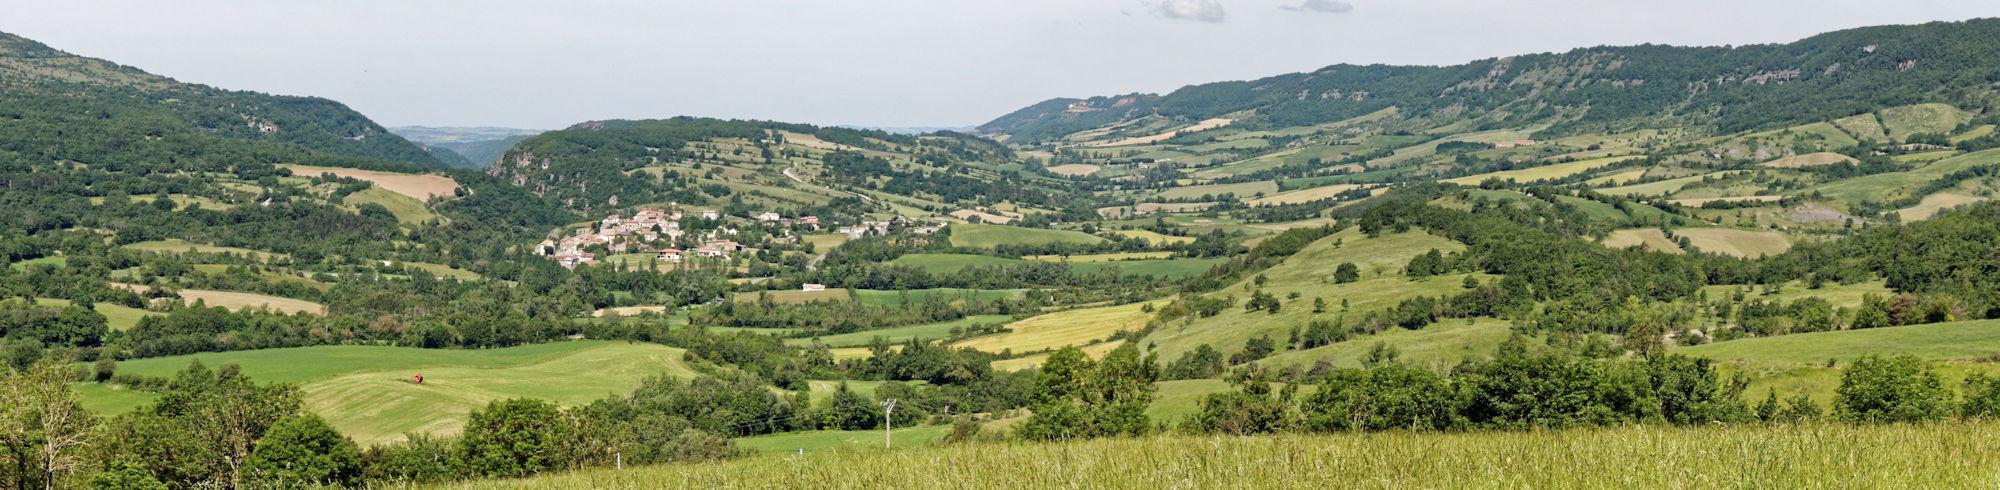 Vallée du Cernon - Lapanouse de Cernon